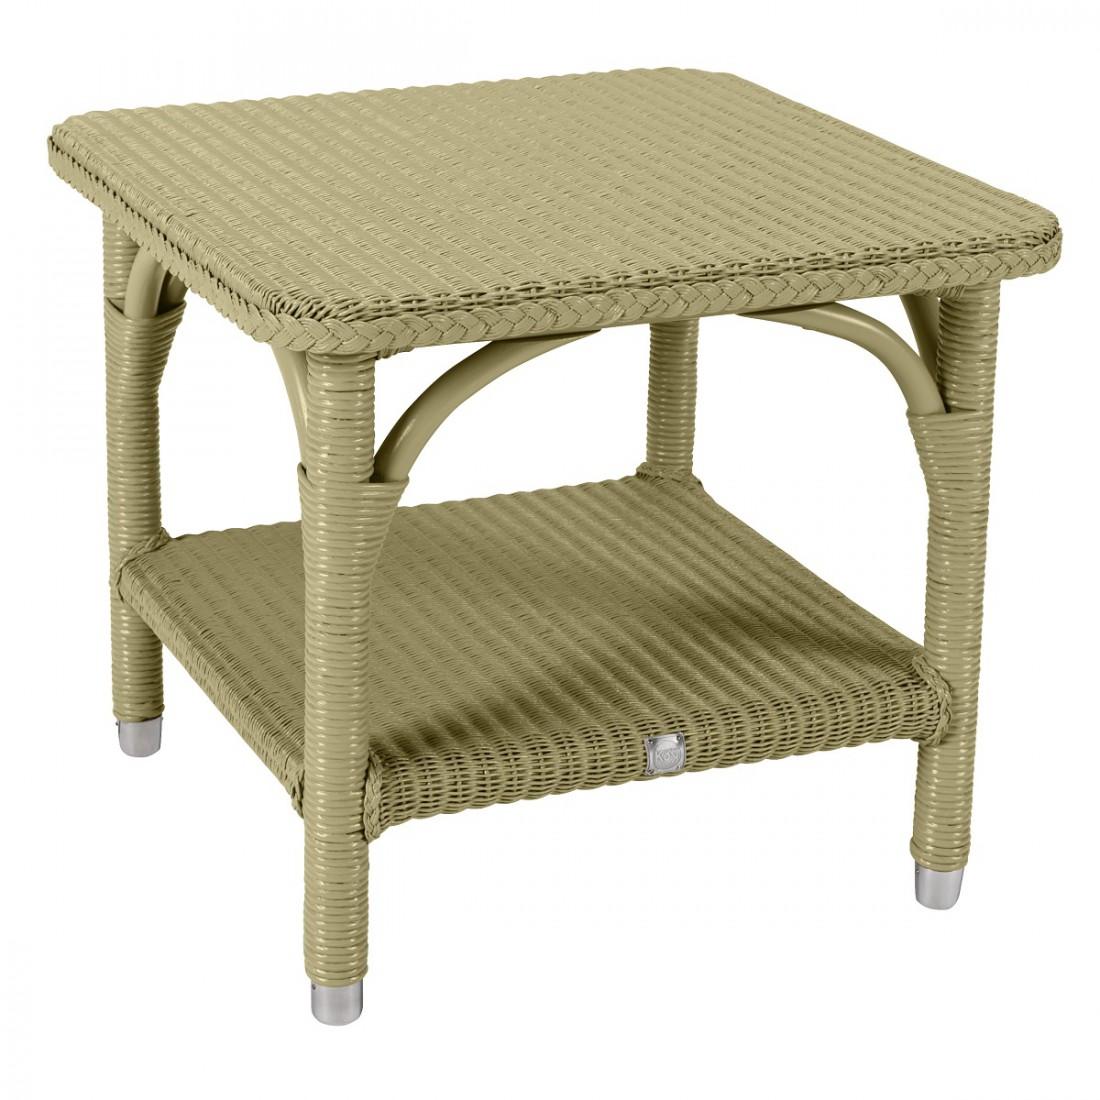 table basse lloyd loom brighton laqu jaune pass. Black Bedroom Furniture Sets. Home Design Ideas